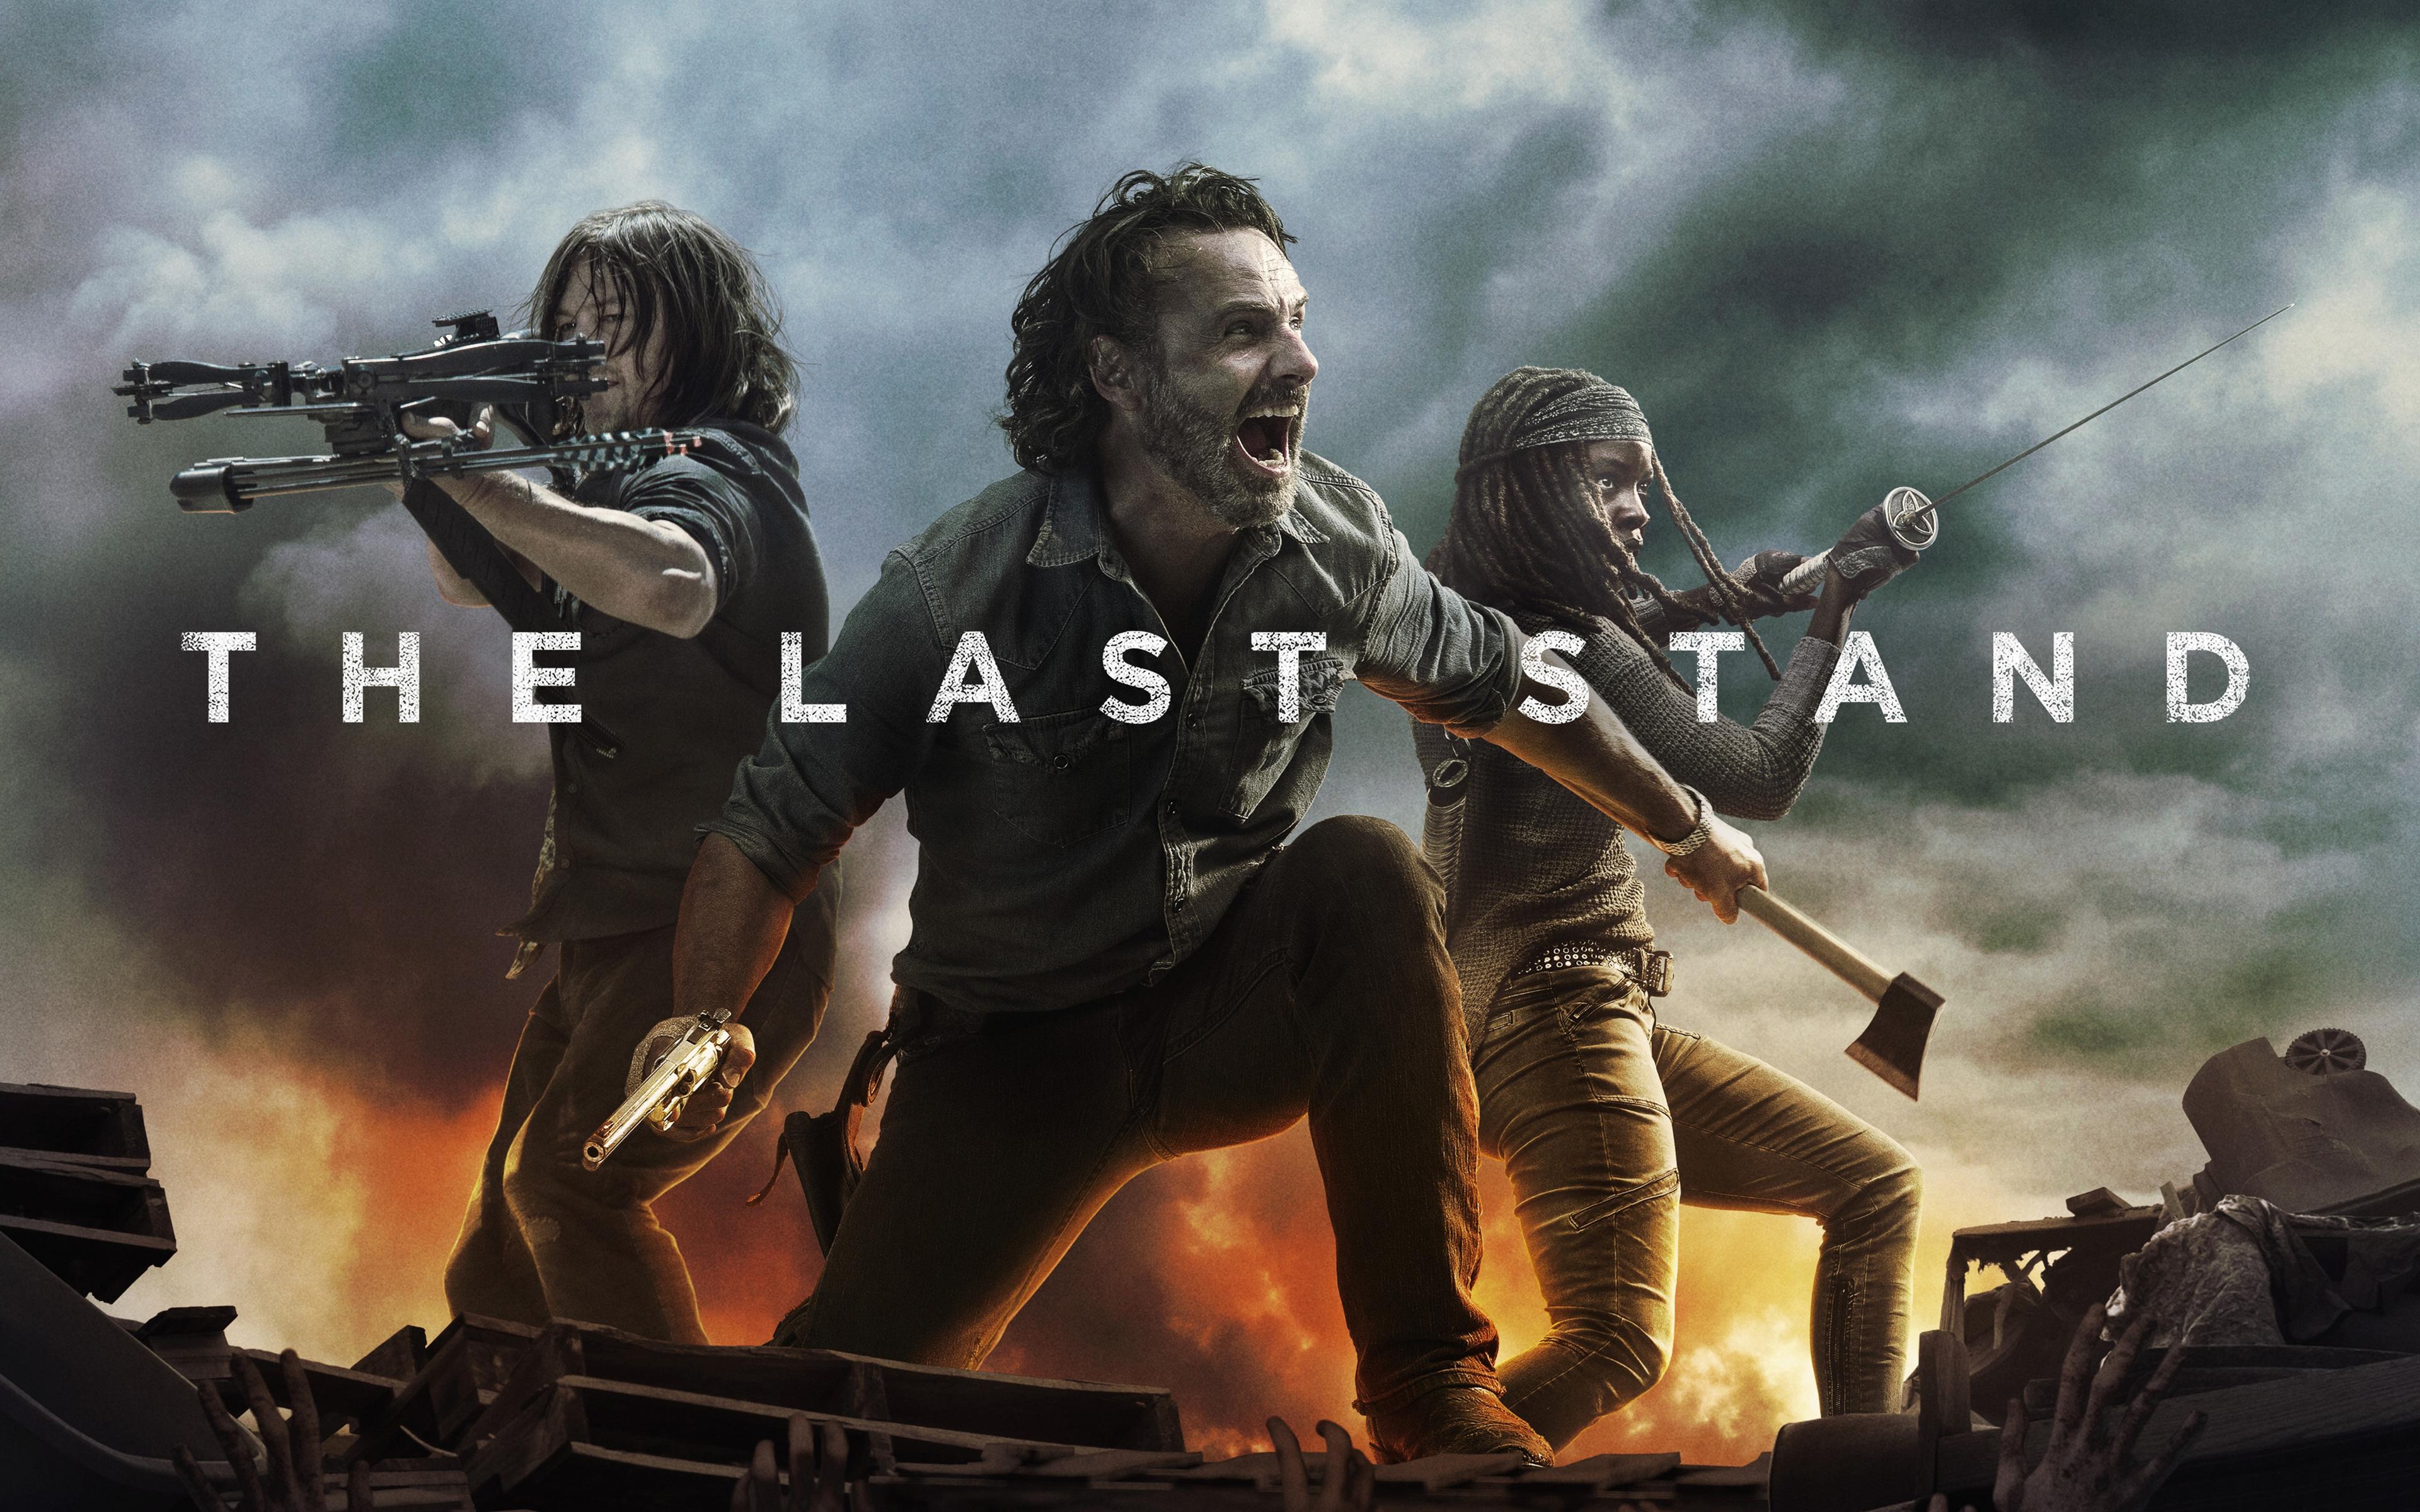 Walking Dead 2238259 Hd Wallpaper Backgrounds Download